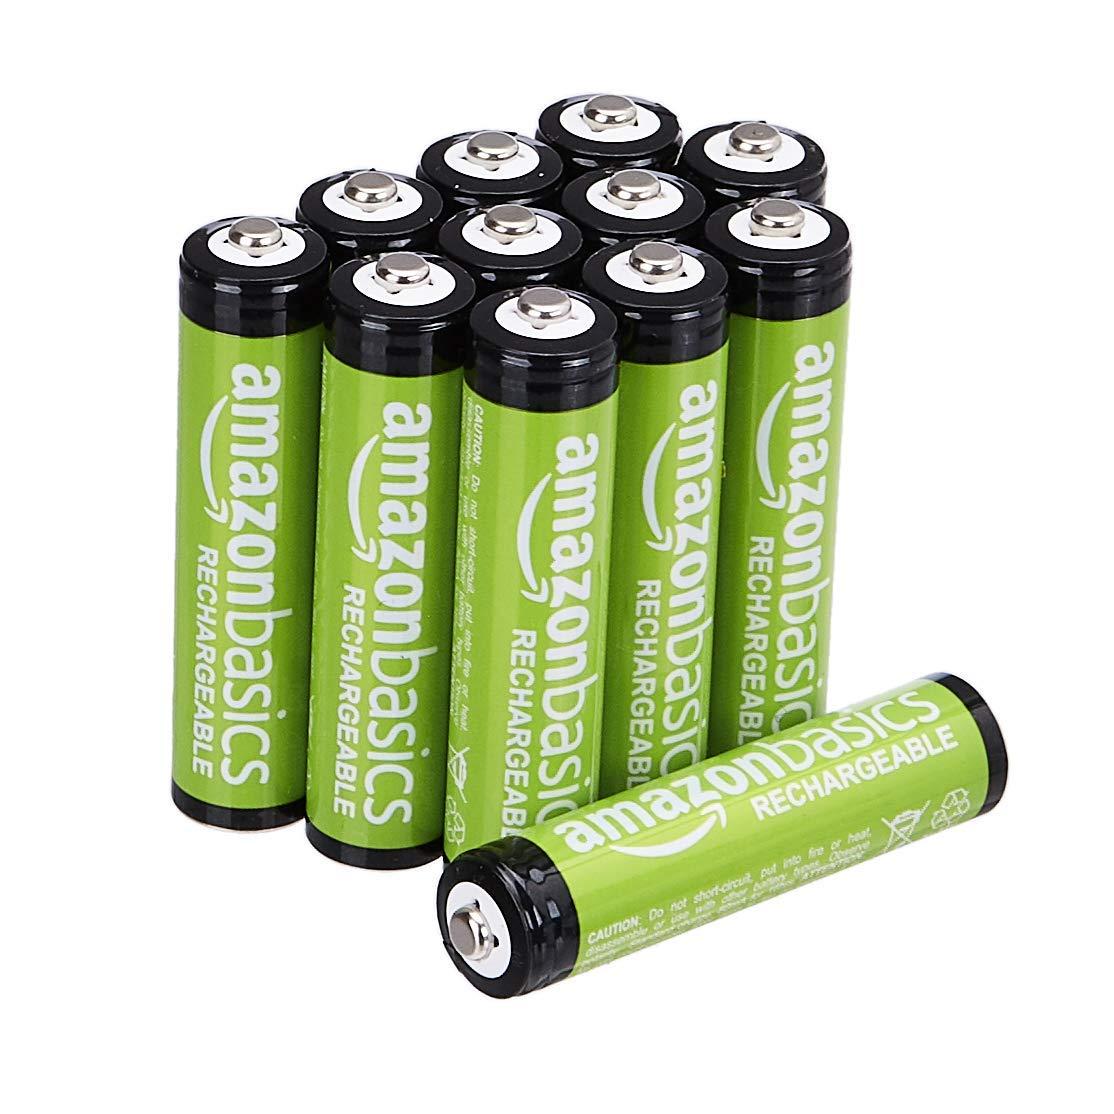 Amazon Basics AAA Rechargeable Batteries